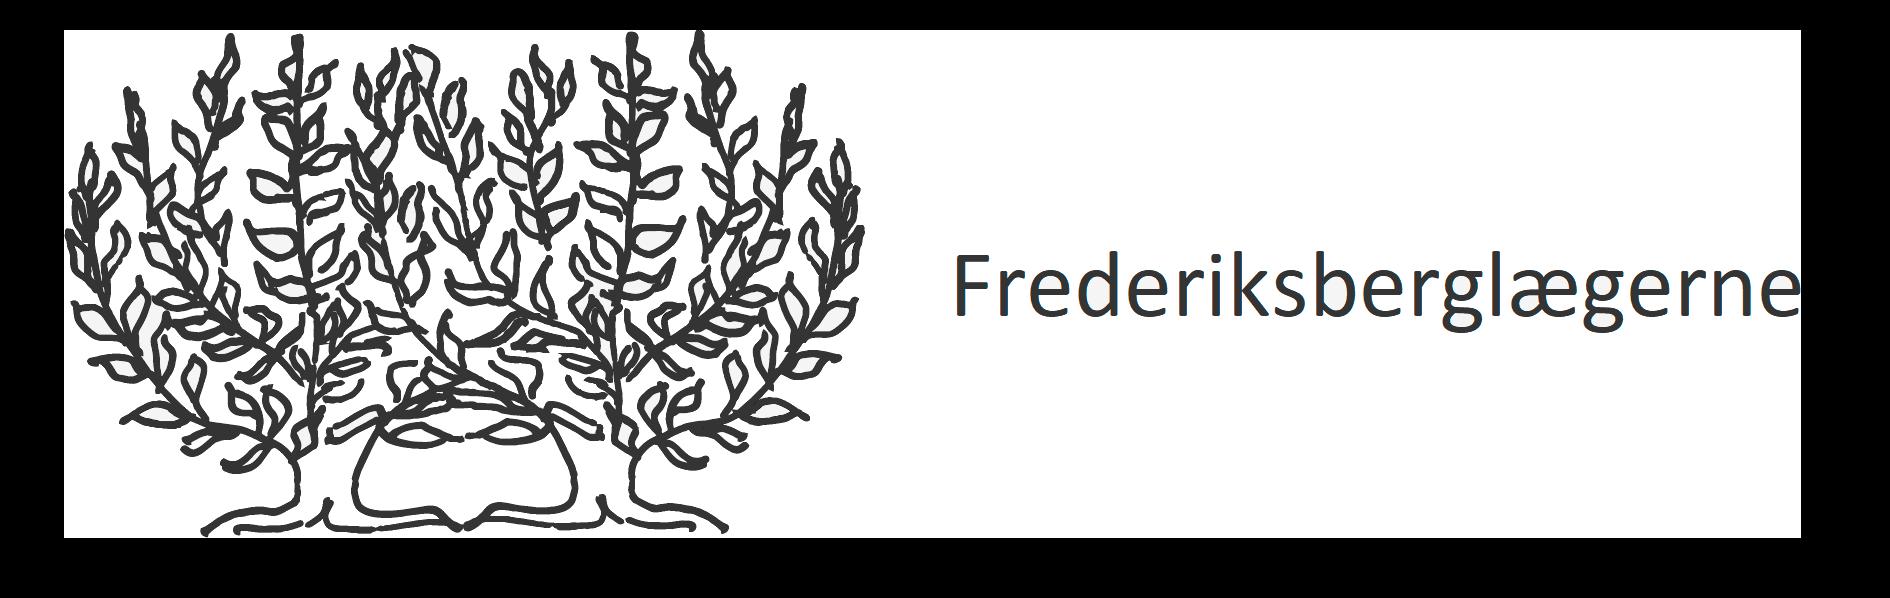 Frederiksberglægerne